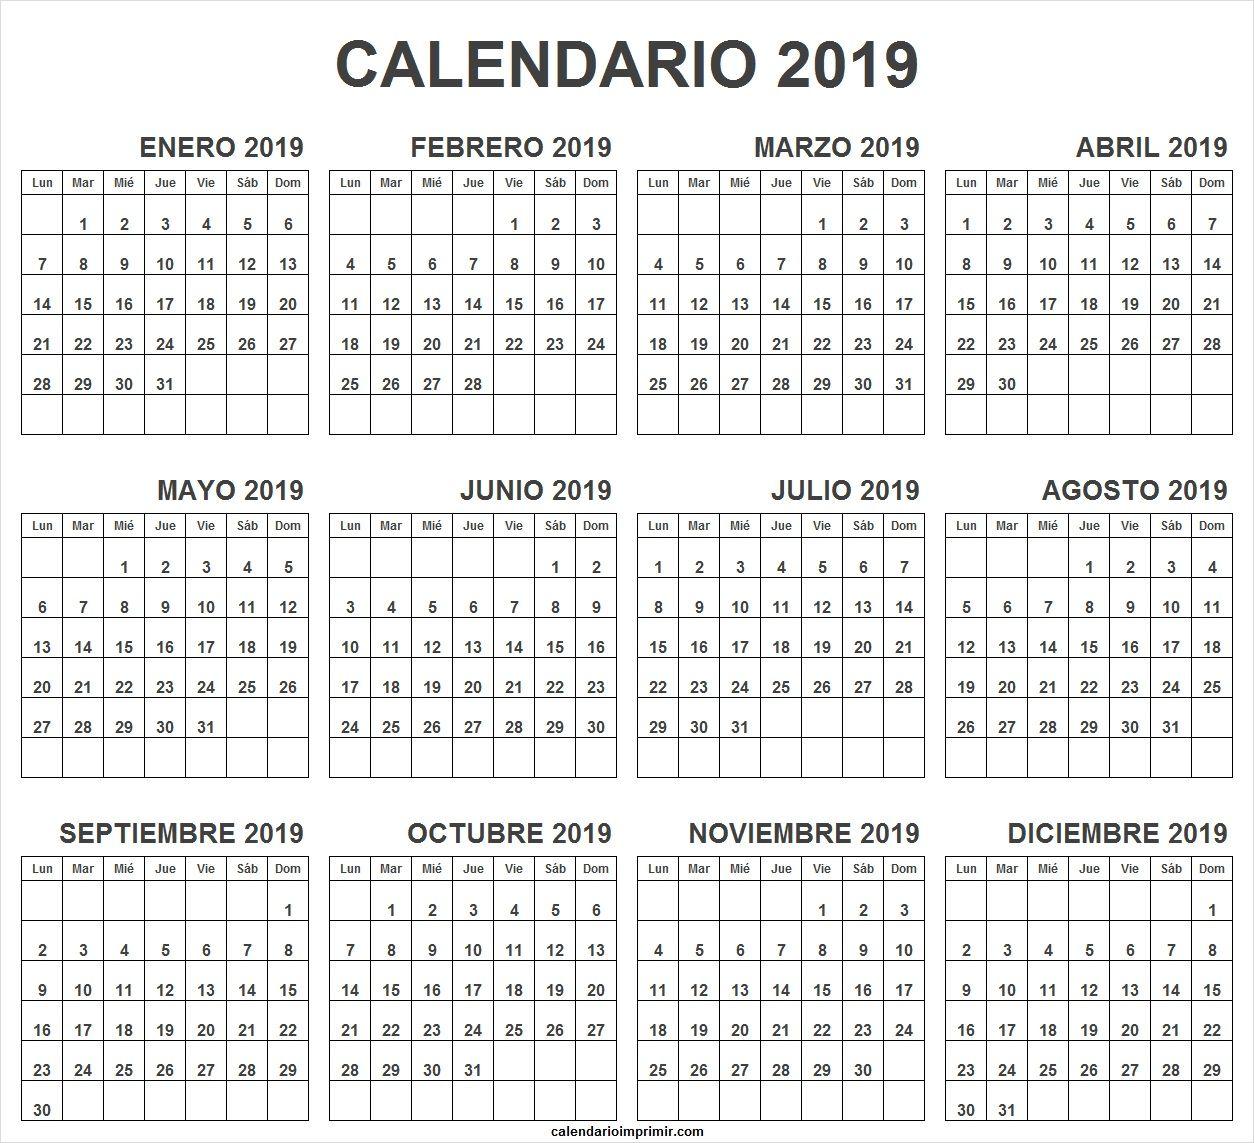 Calendario 2019 Para Imprimir Gratis.Calendario 2019 Para Imprimir Una Pagina Imprimir Gratis